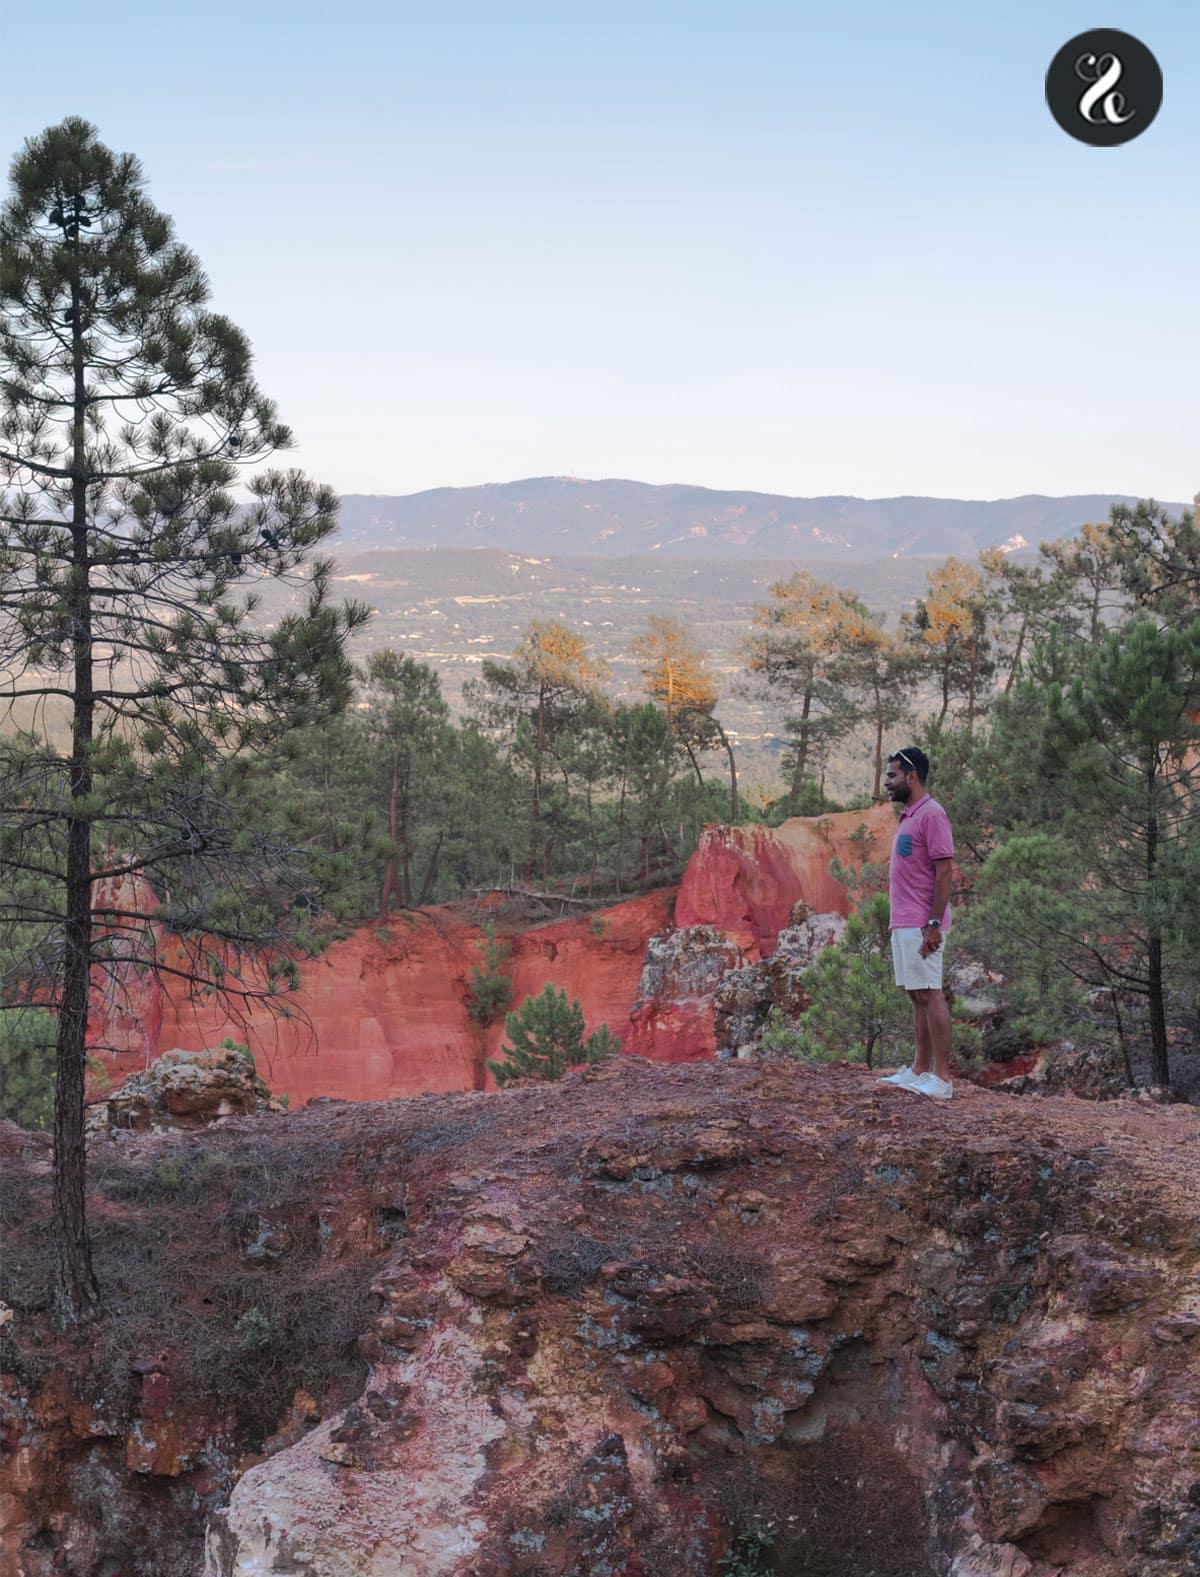 Guía de viaje La Provenza - Costa Azul - Sentier des Ocres